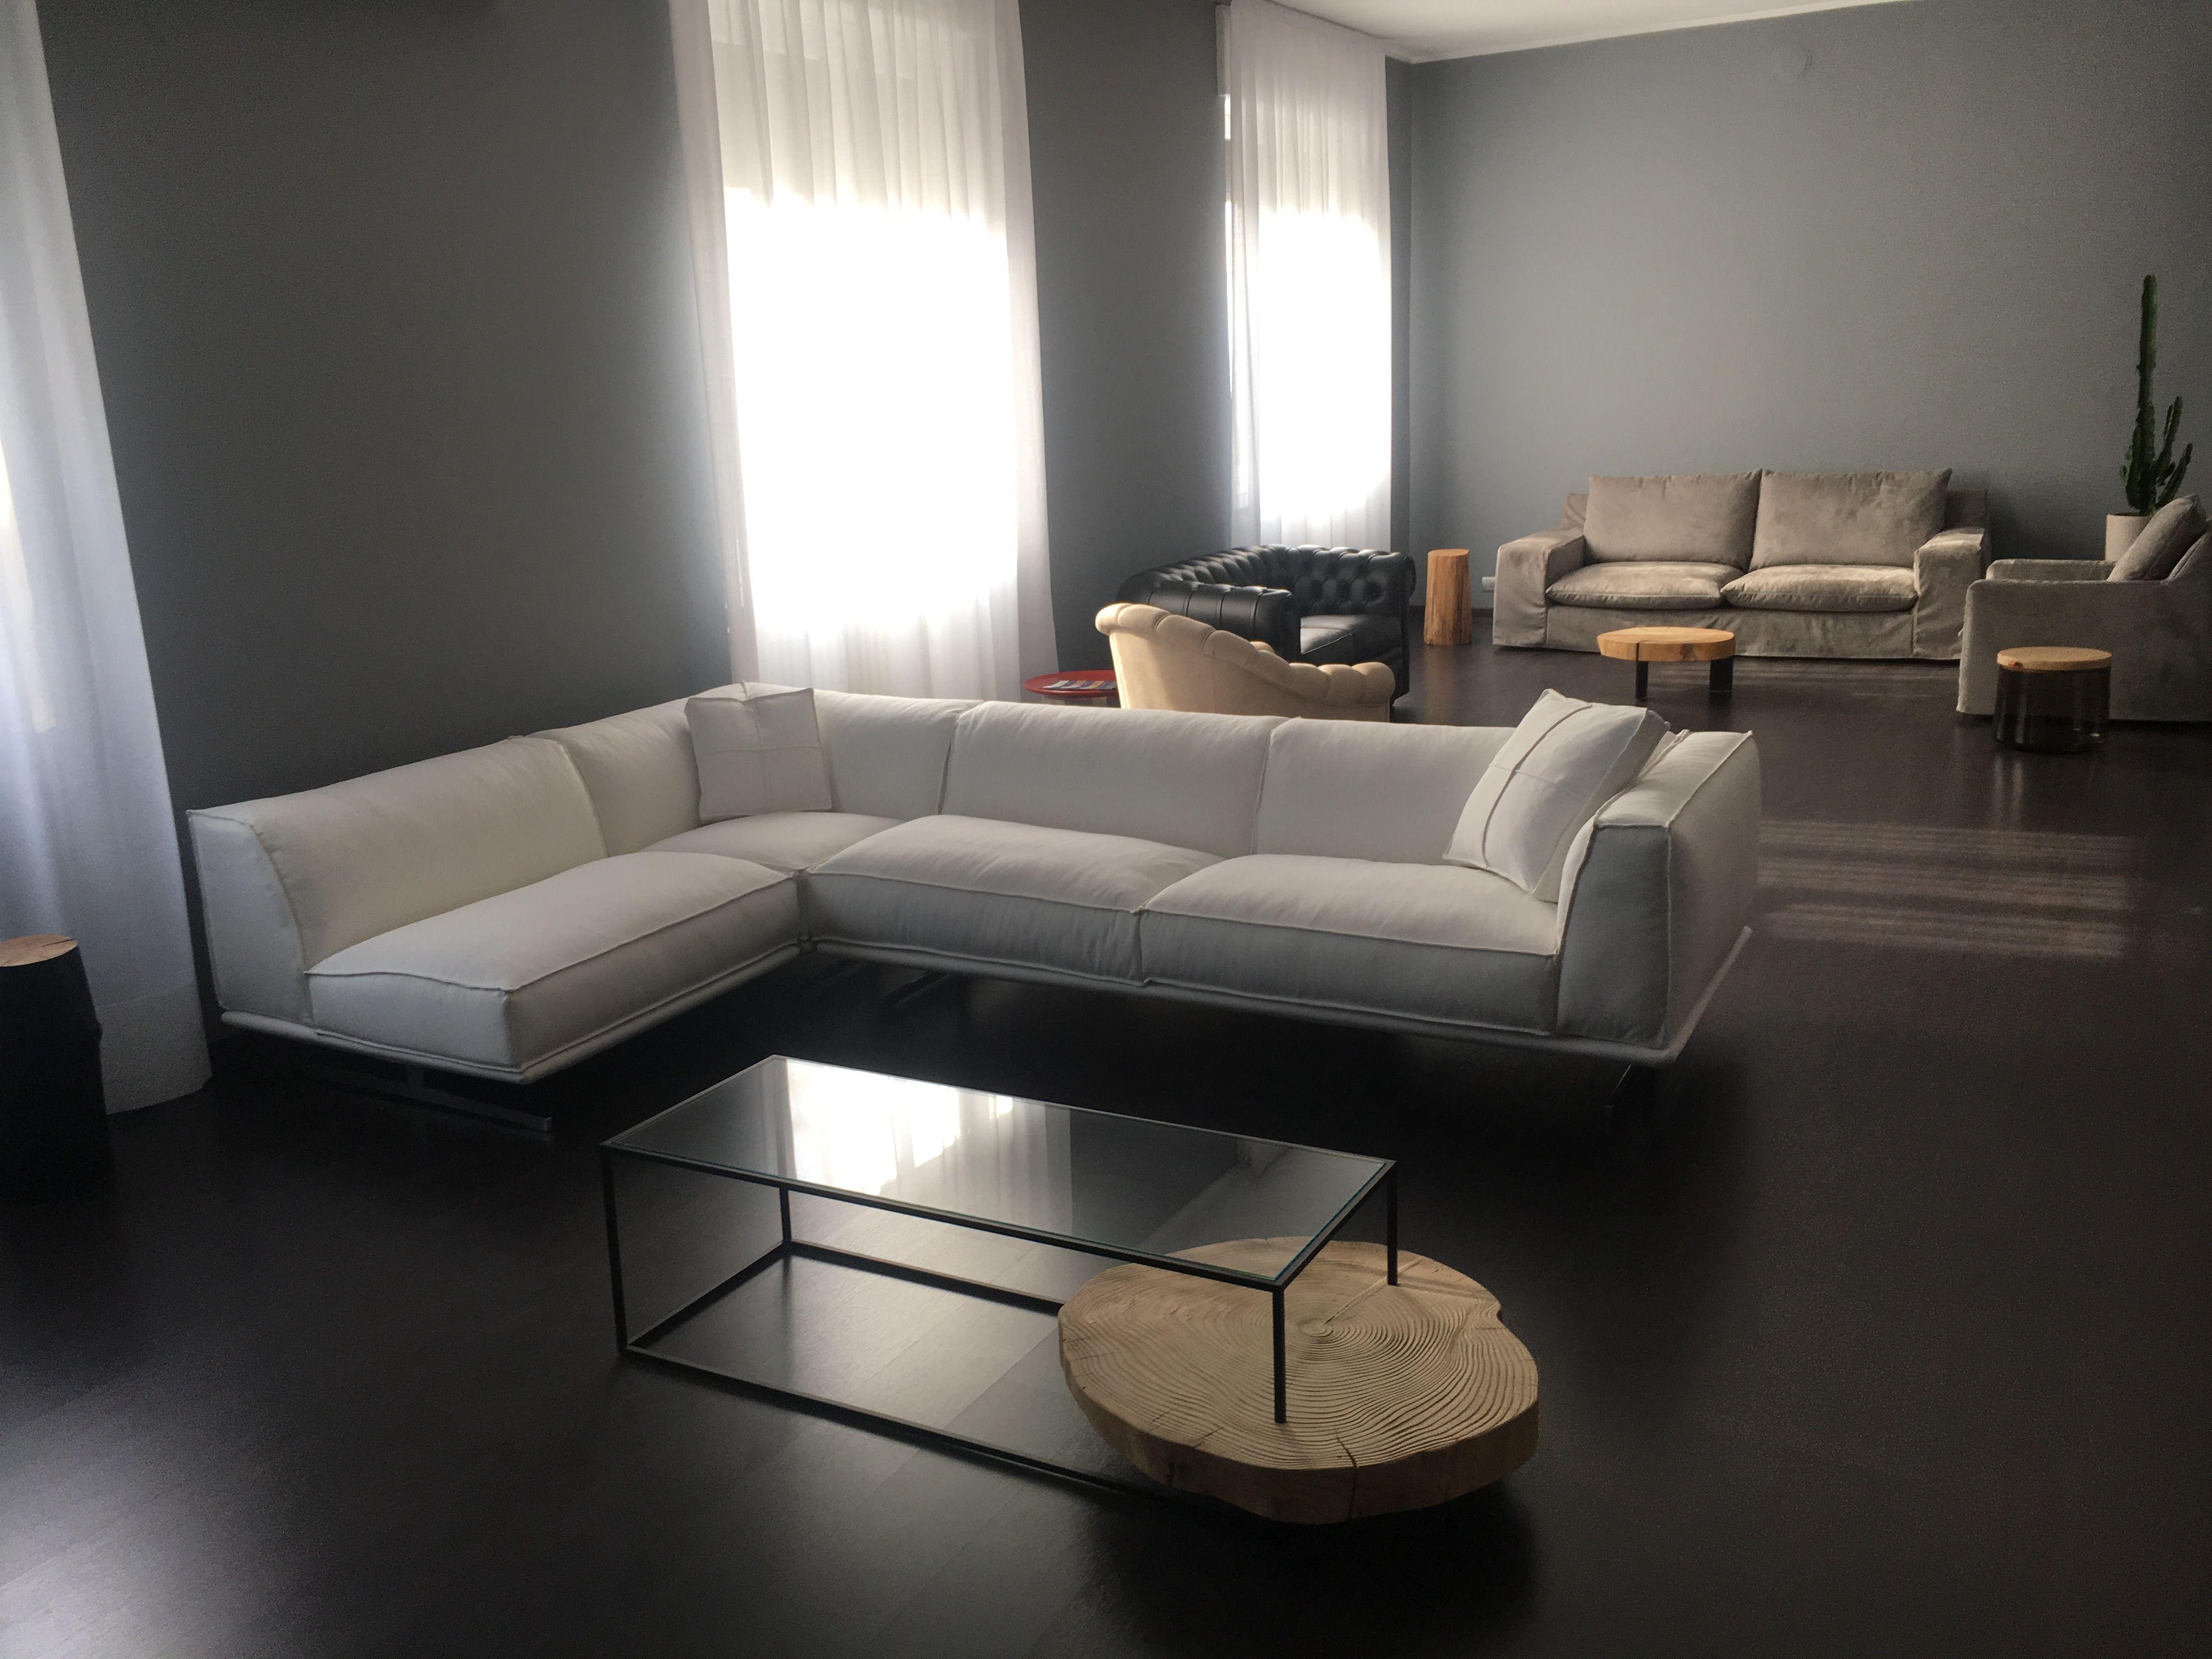 Nuovo divani moderni in vendita da tino mariani in negozio for Divani in vendita